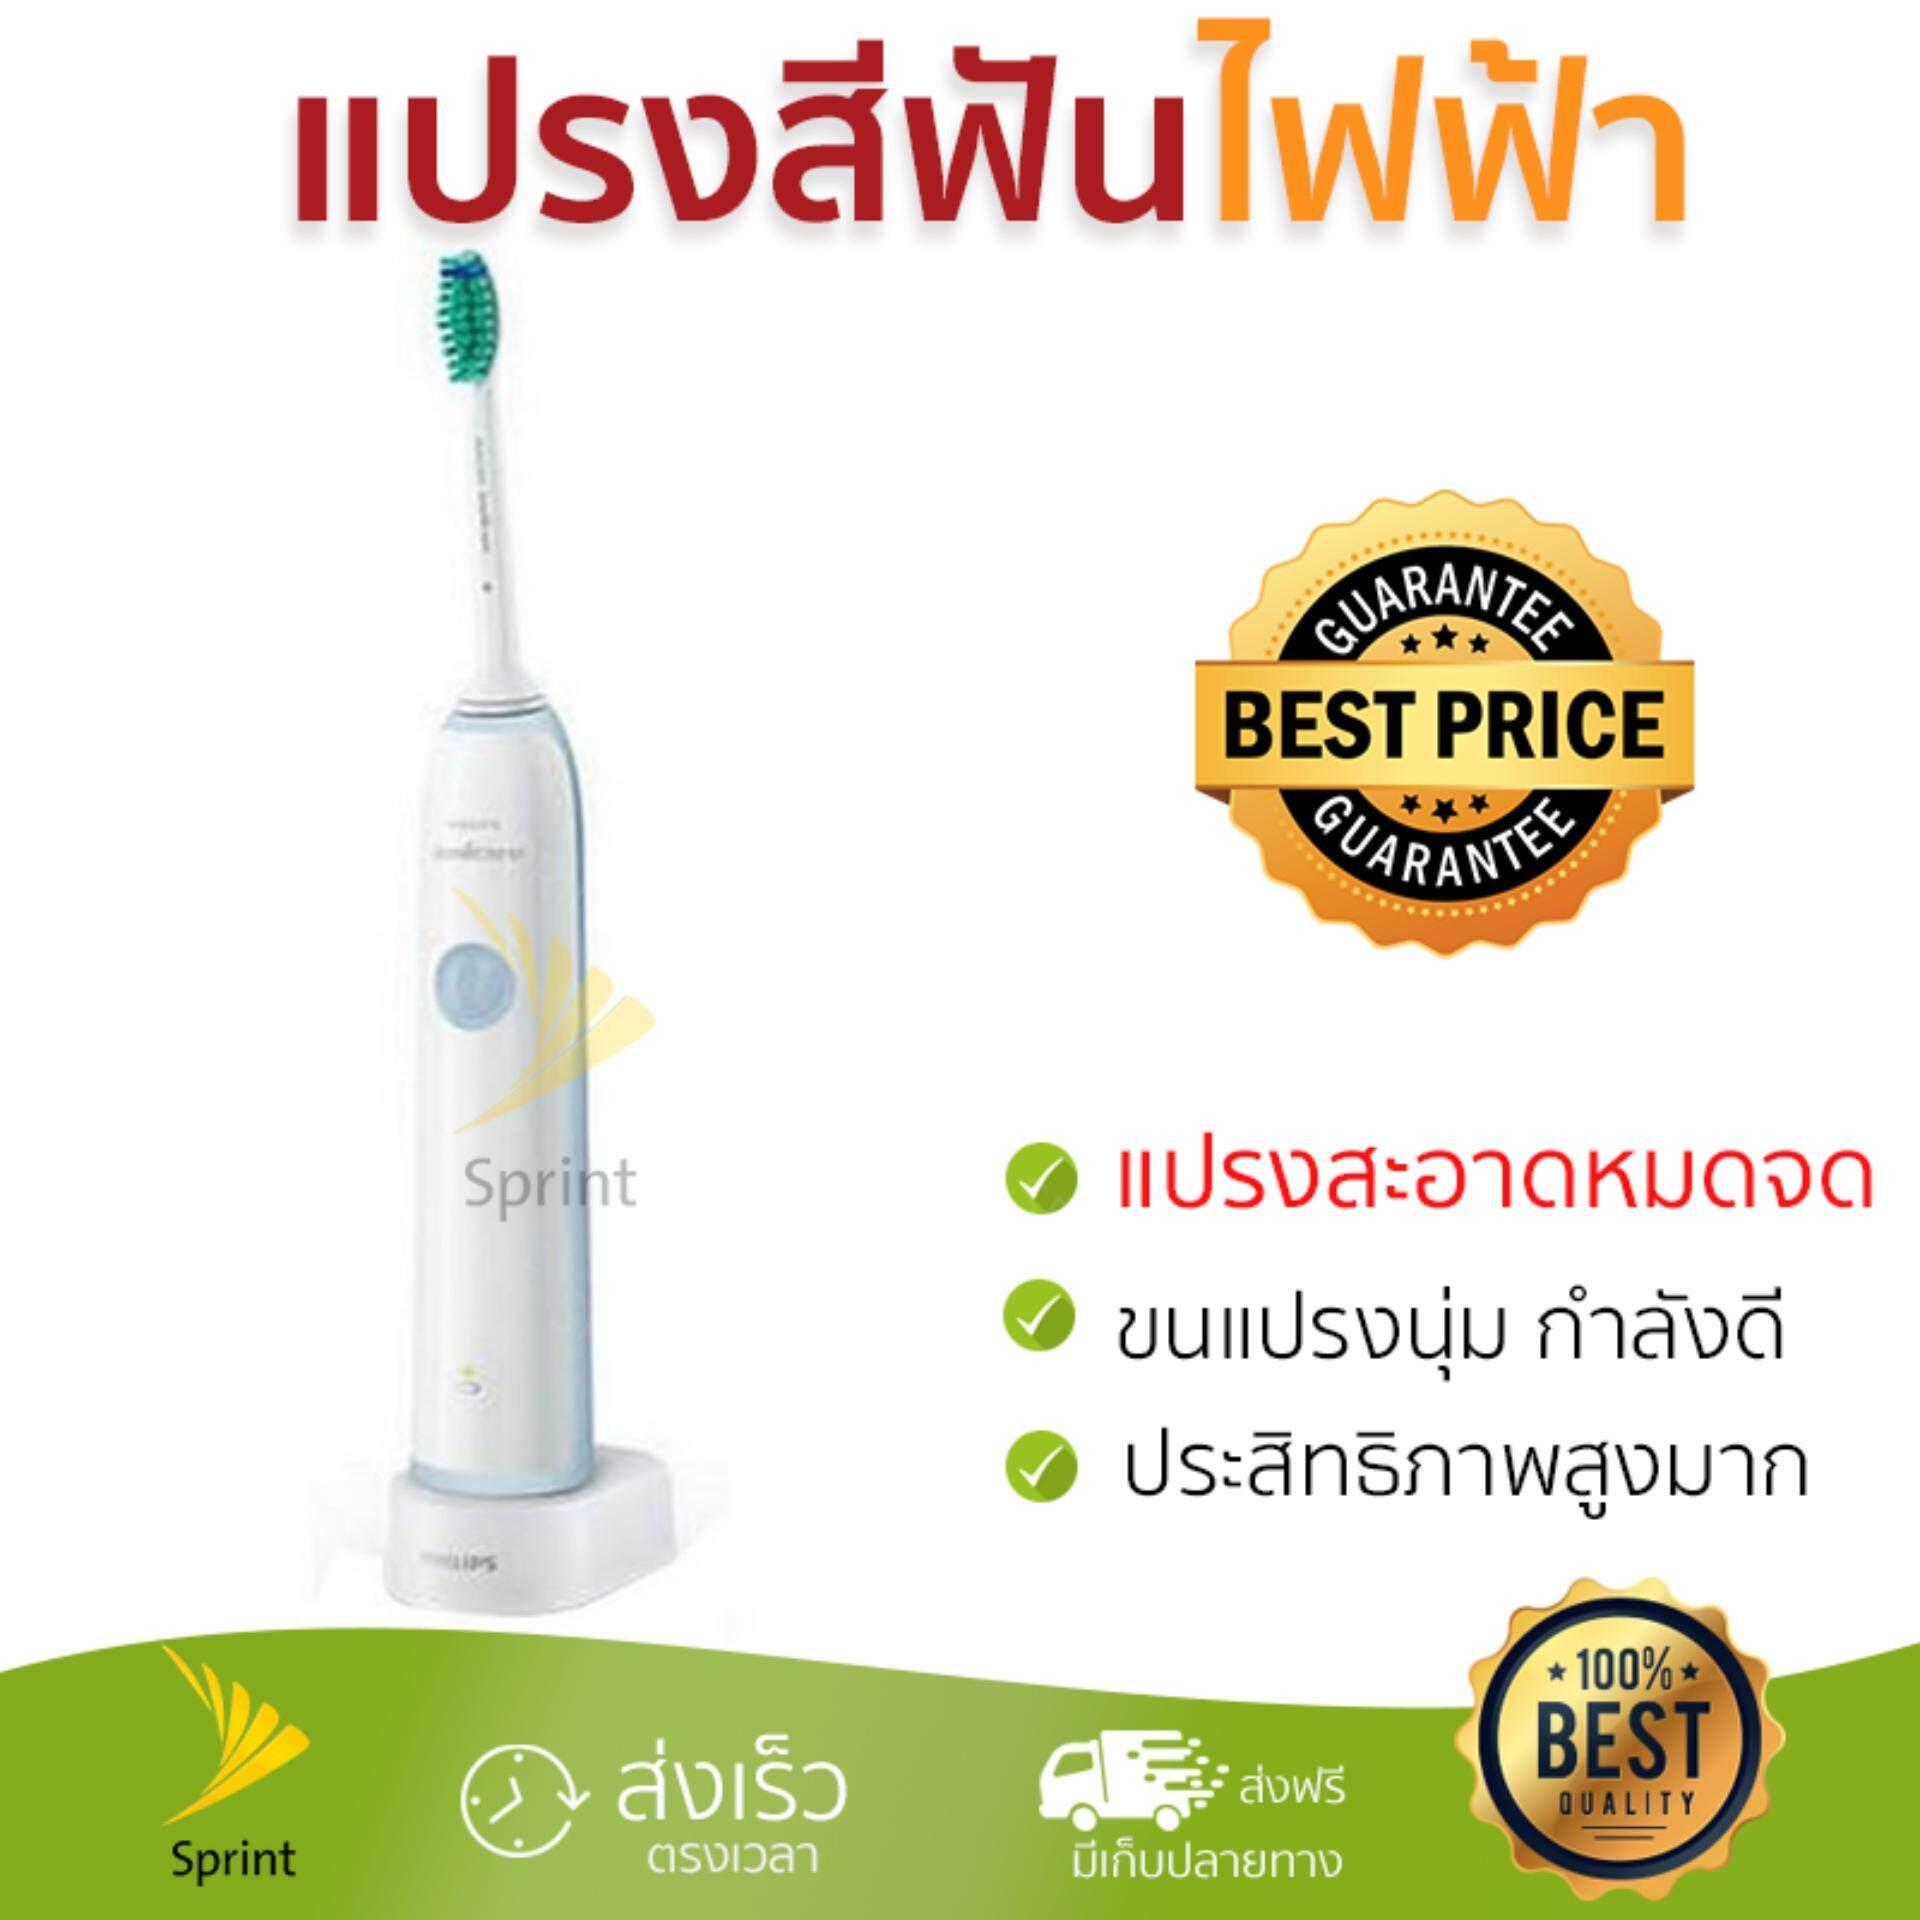 สุราษฎร์ธานี รุ่นใหม่ล่าสุด แปรงสีฟัน แปรงสีฟันไฟฟ้า แปรงสีฟันไฟฟ้า PHILIPS HX3215 08  PHILIPS  HX3215 08 สะดวก แปรงได้ลึกทุกซอกทุกมุม นุ่มนวล สะอาดกว่าแปรงทั่วไป Electric Toothbrushes จัดส่งฟรีทั่วประเทศ